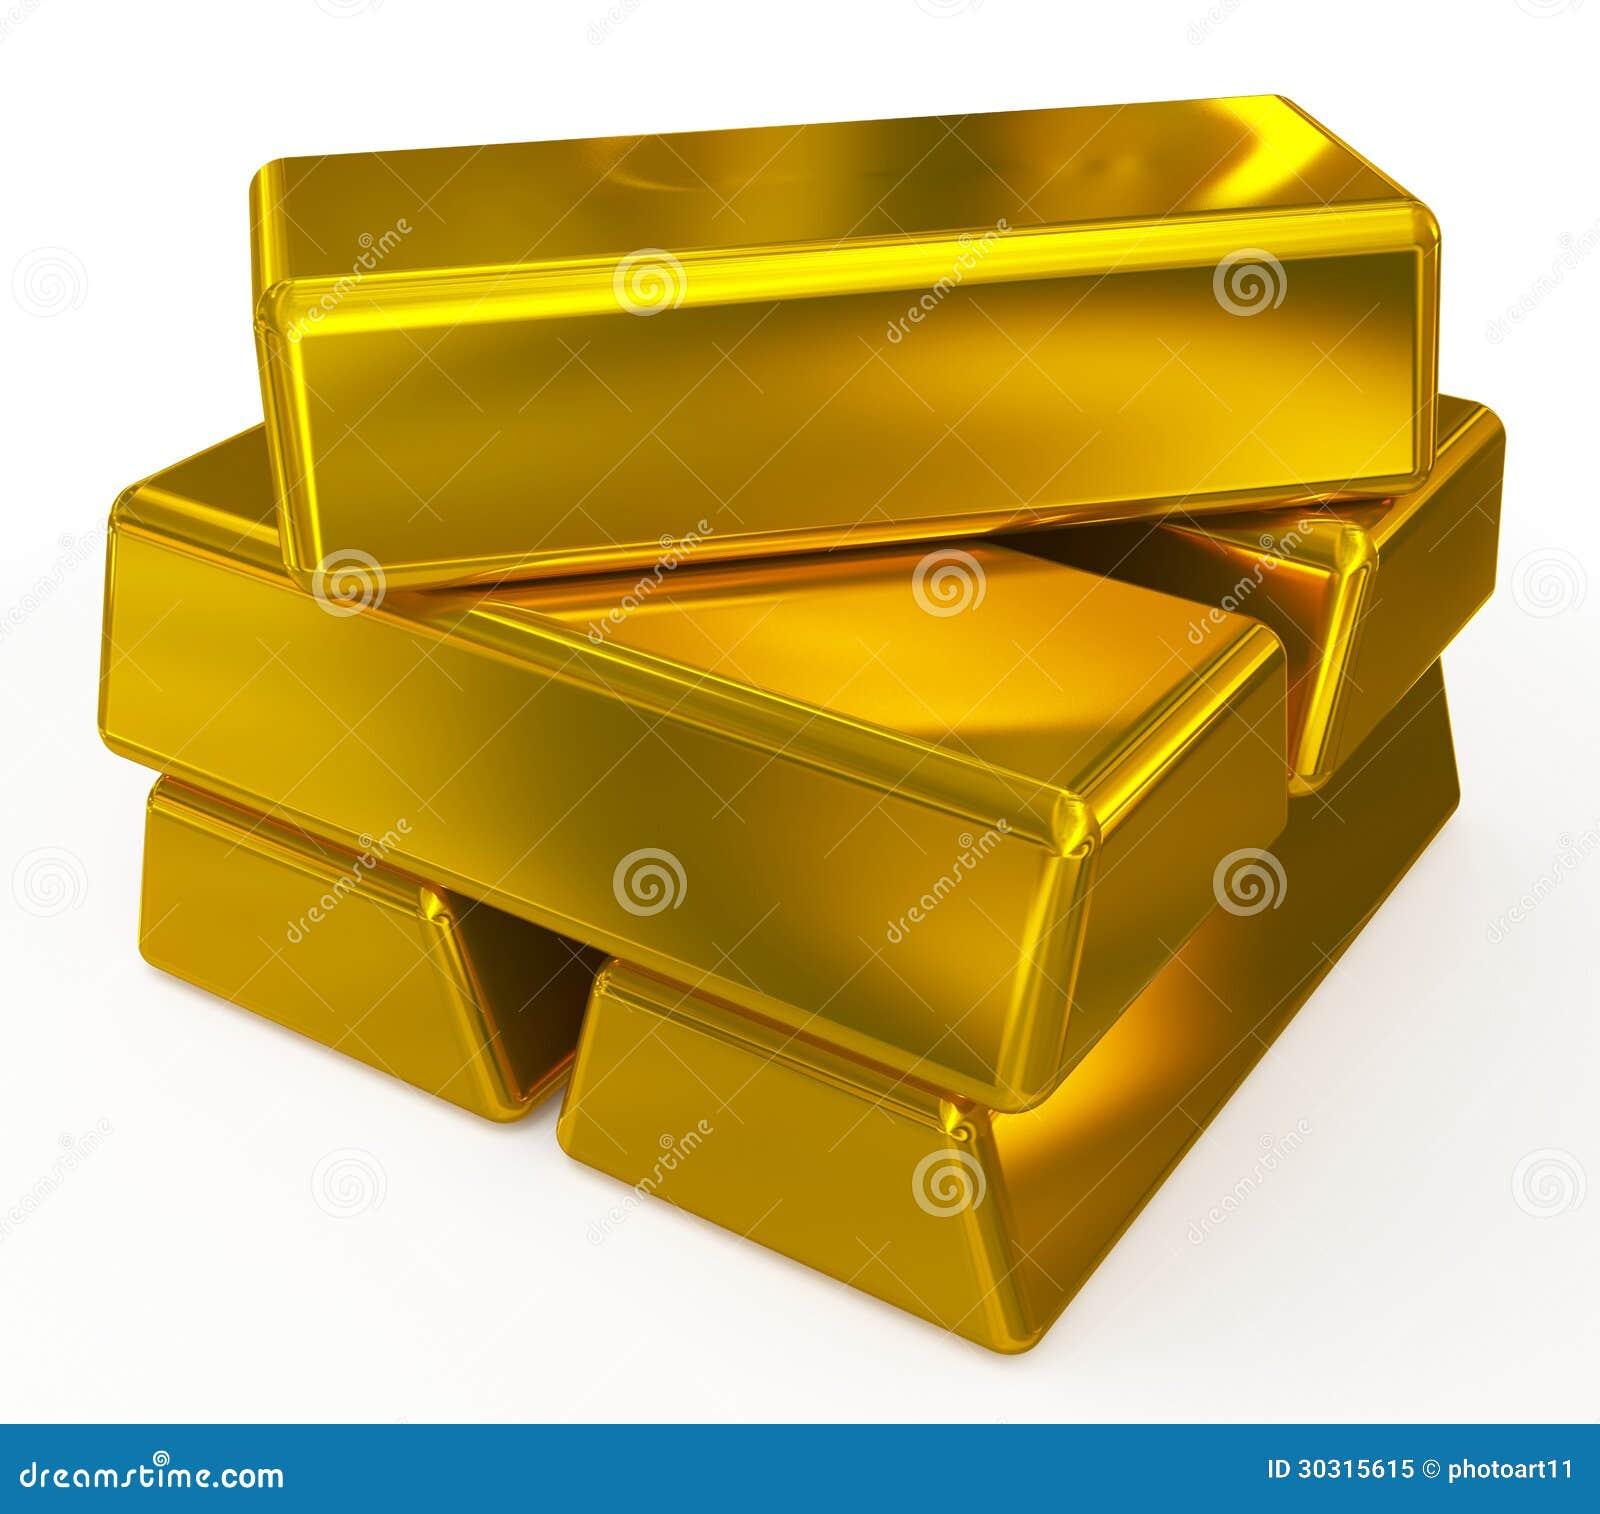 goldbarren auf rechnung sie wollen goldbarren auf. Black Bedroom Furniture Sets. Home Design Ideas